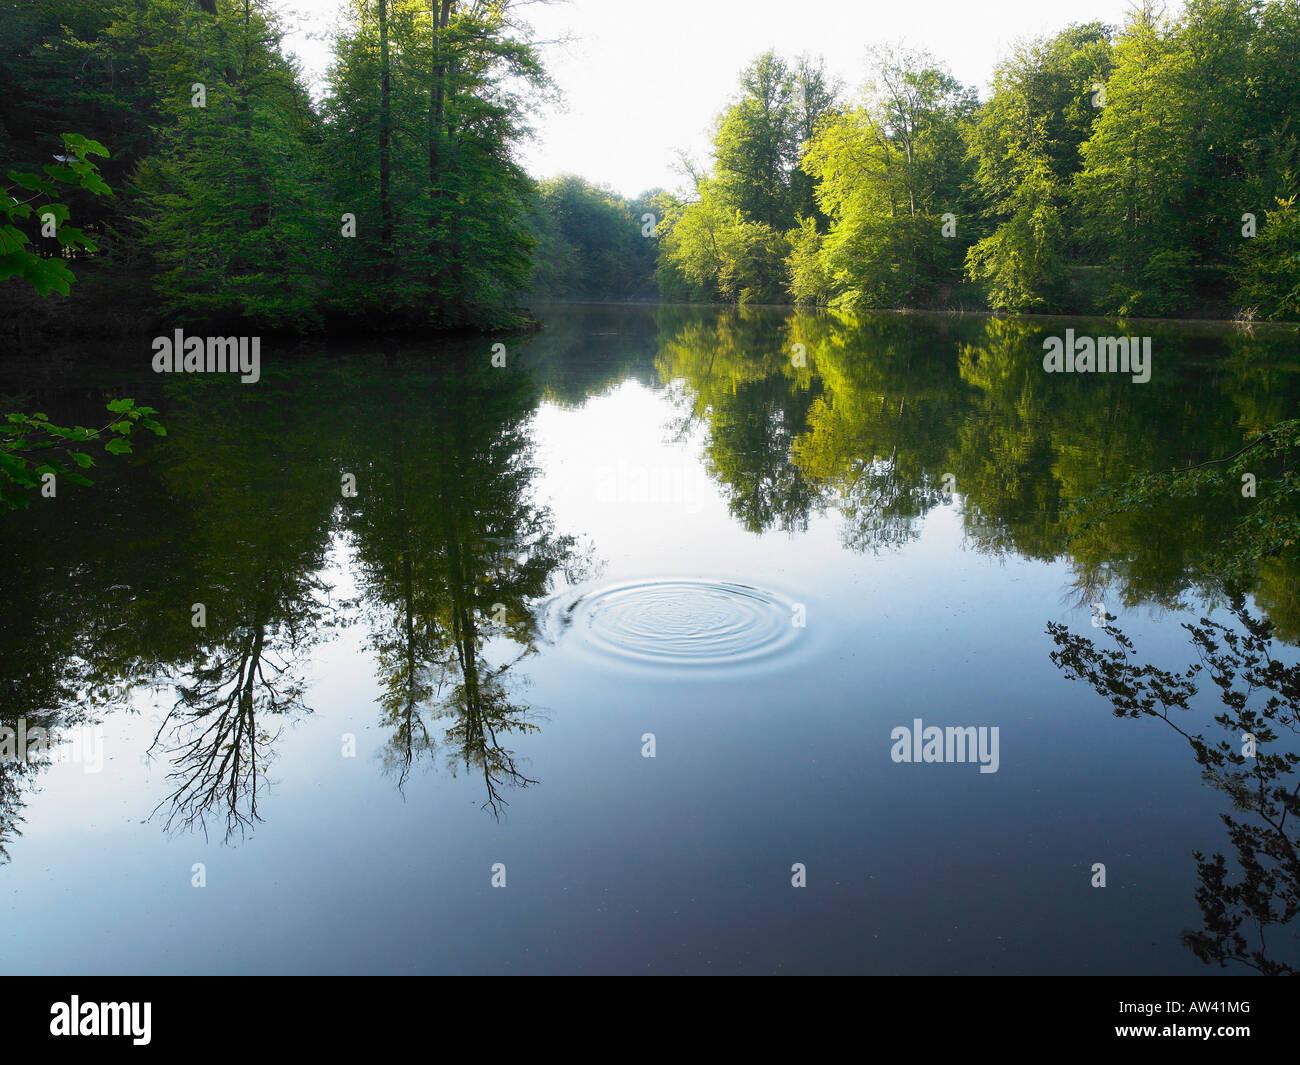 Riddle sulle sponde di un lago. Immagini Stock